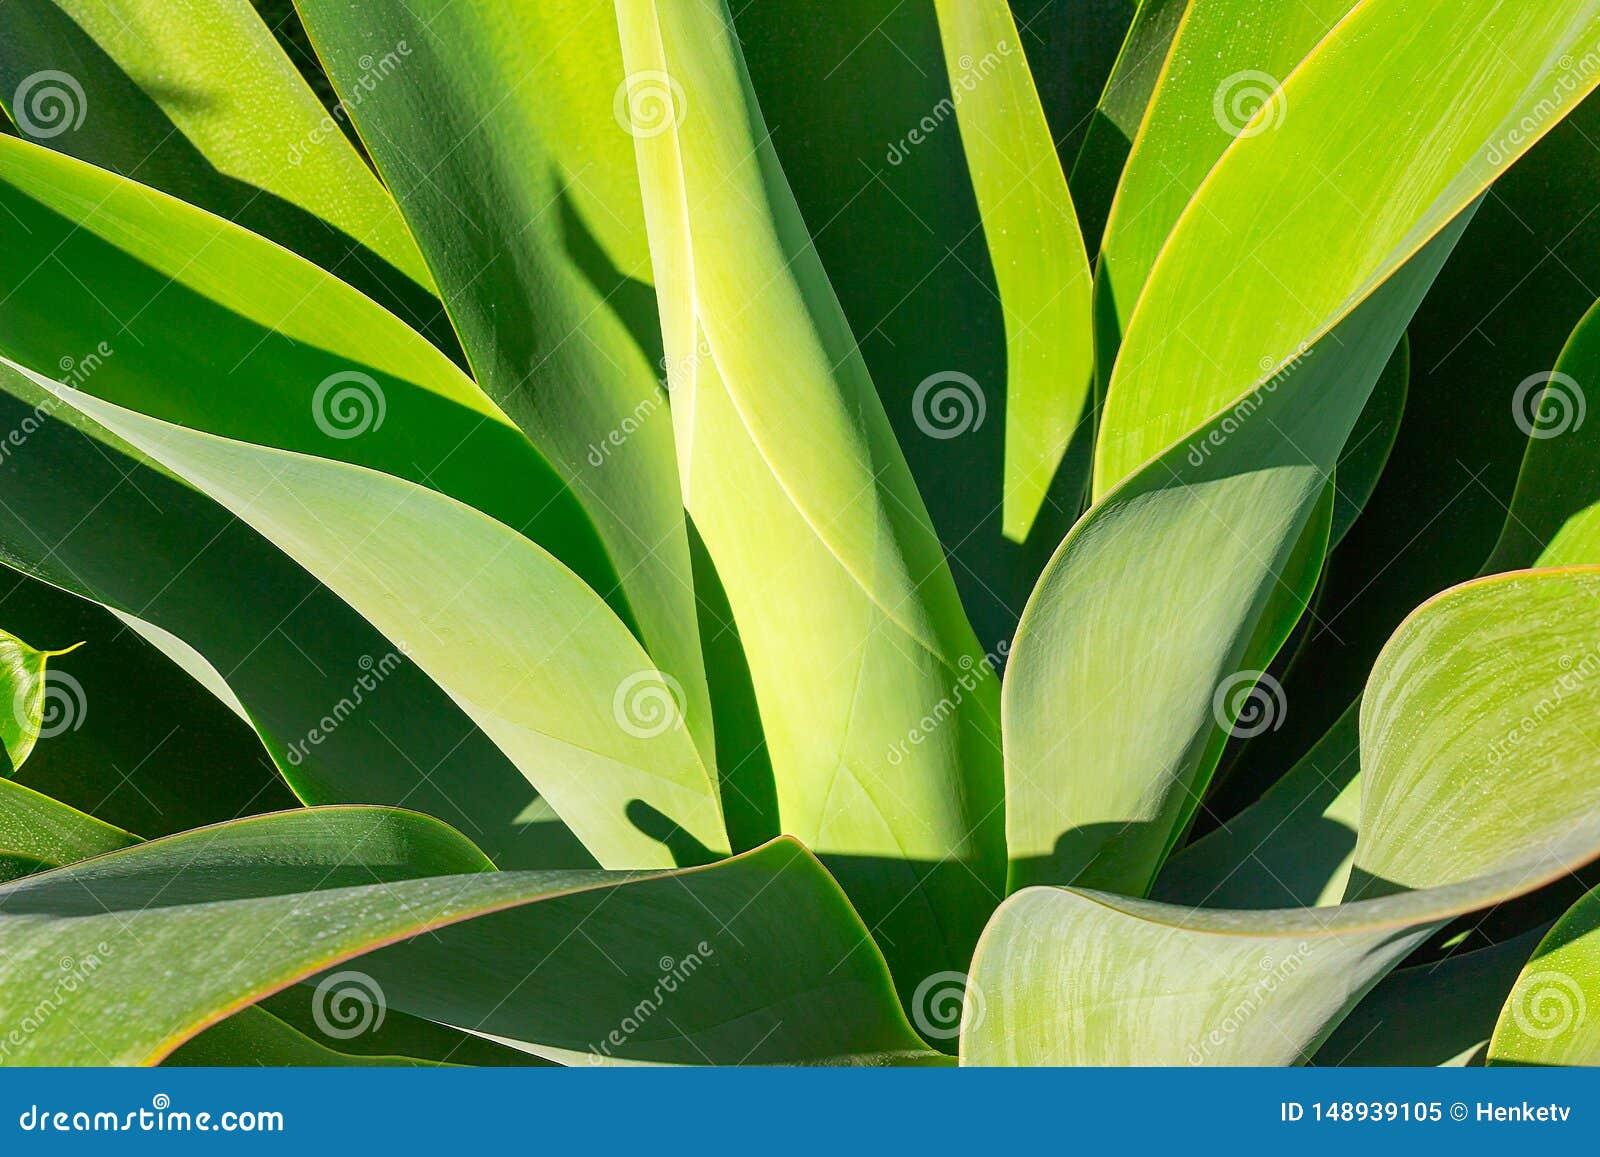 绿色植物丝兰或生物演化谱系图解非常严密地夺取了,关闭